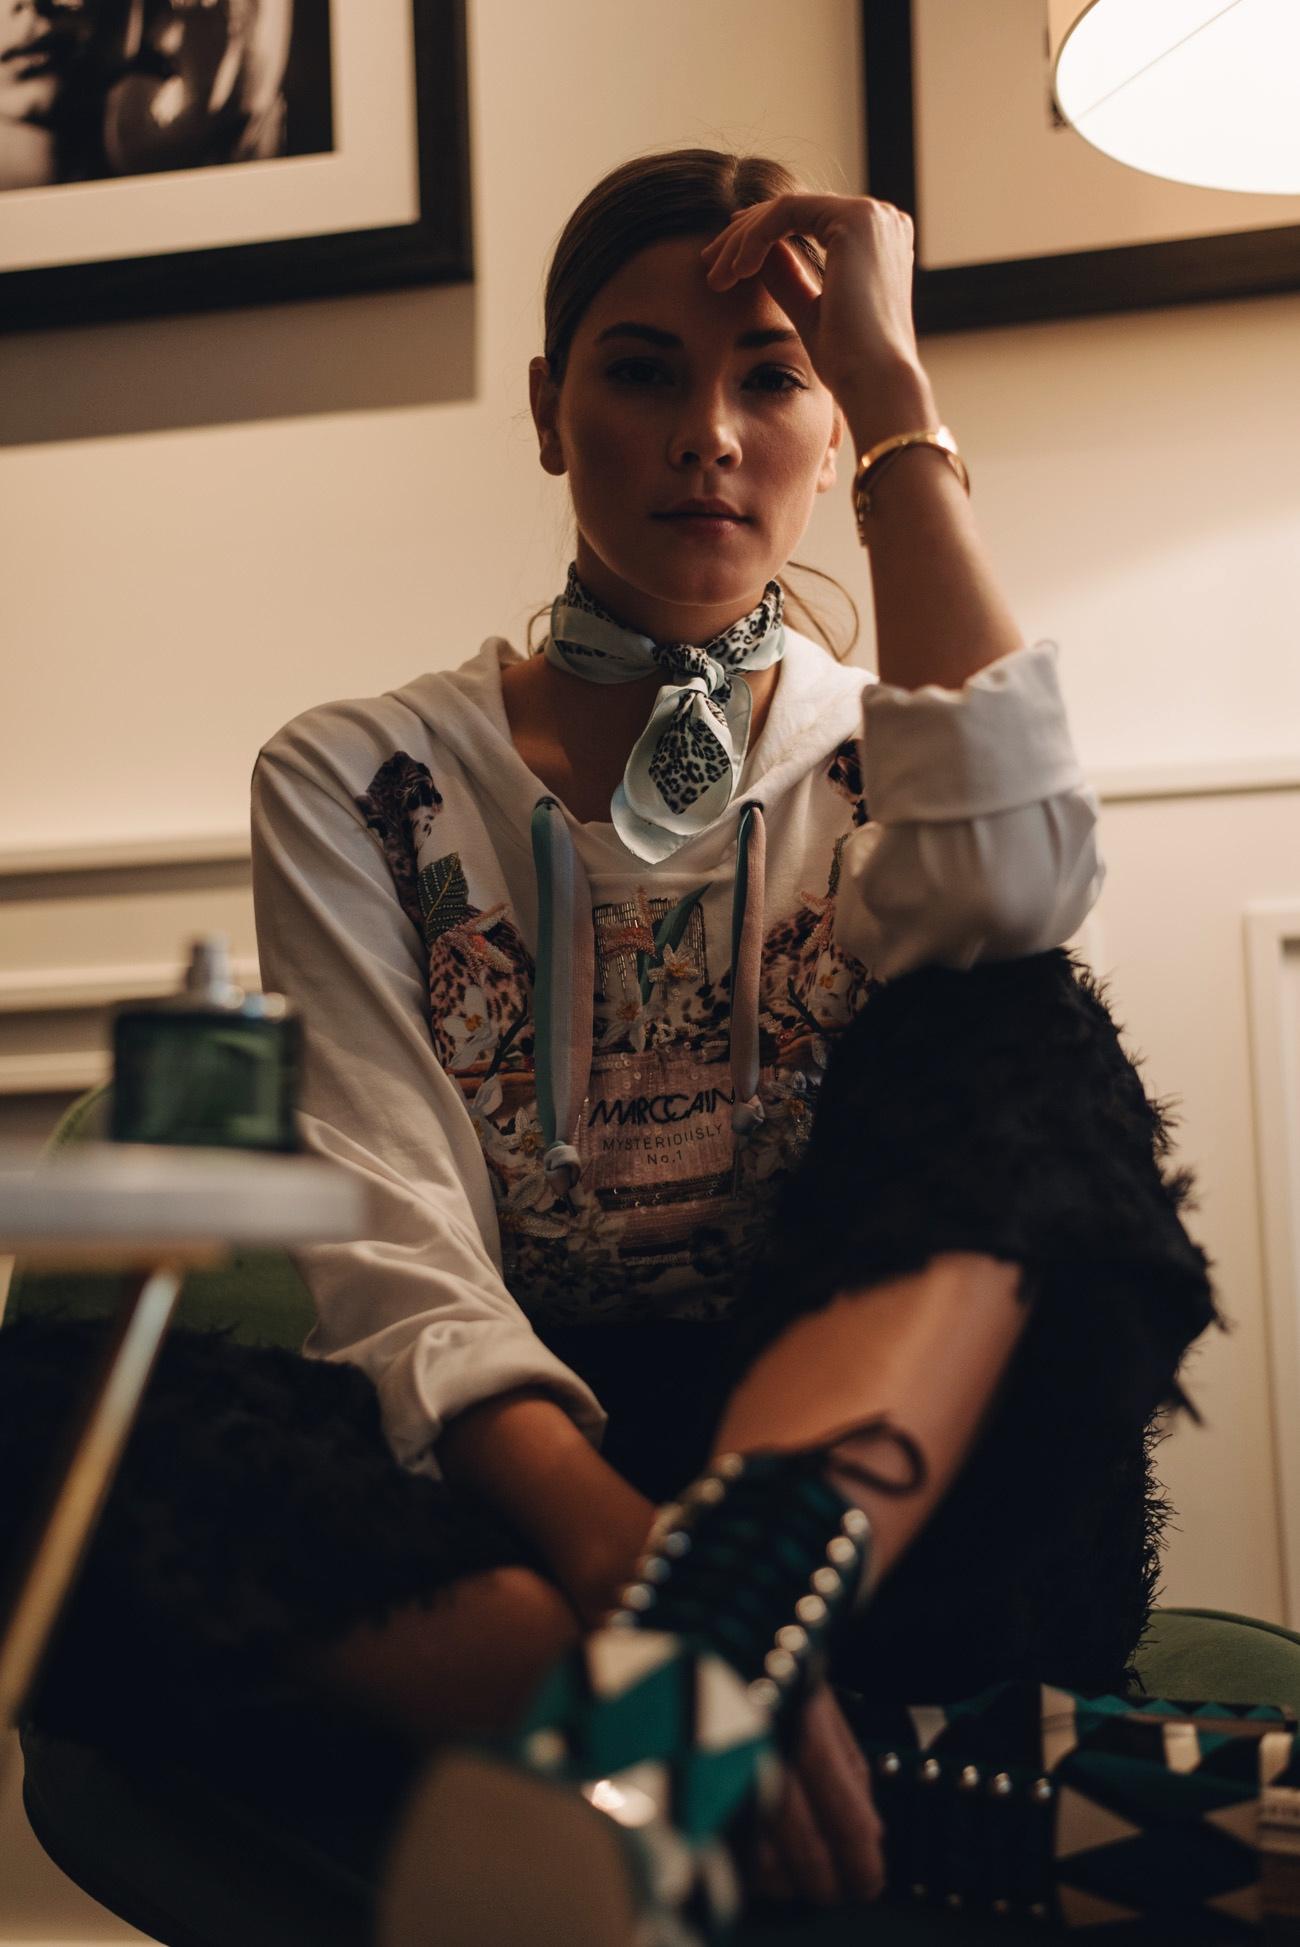 Die-besten-Beauty-und-lifestyle-blogs-deutschlands-münchen-fashiioncarpet-nina-schwichtenberg-luxus-bloggerin